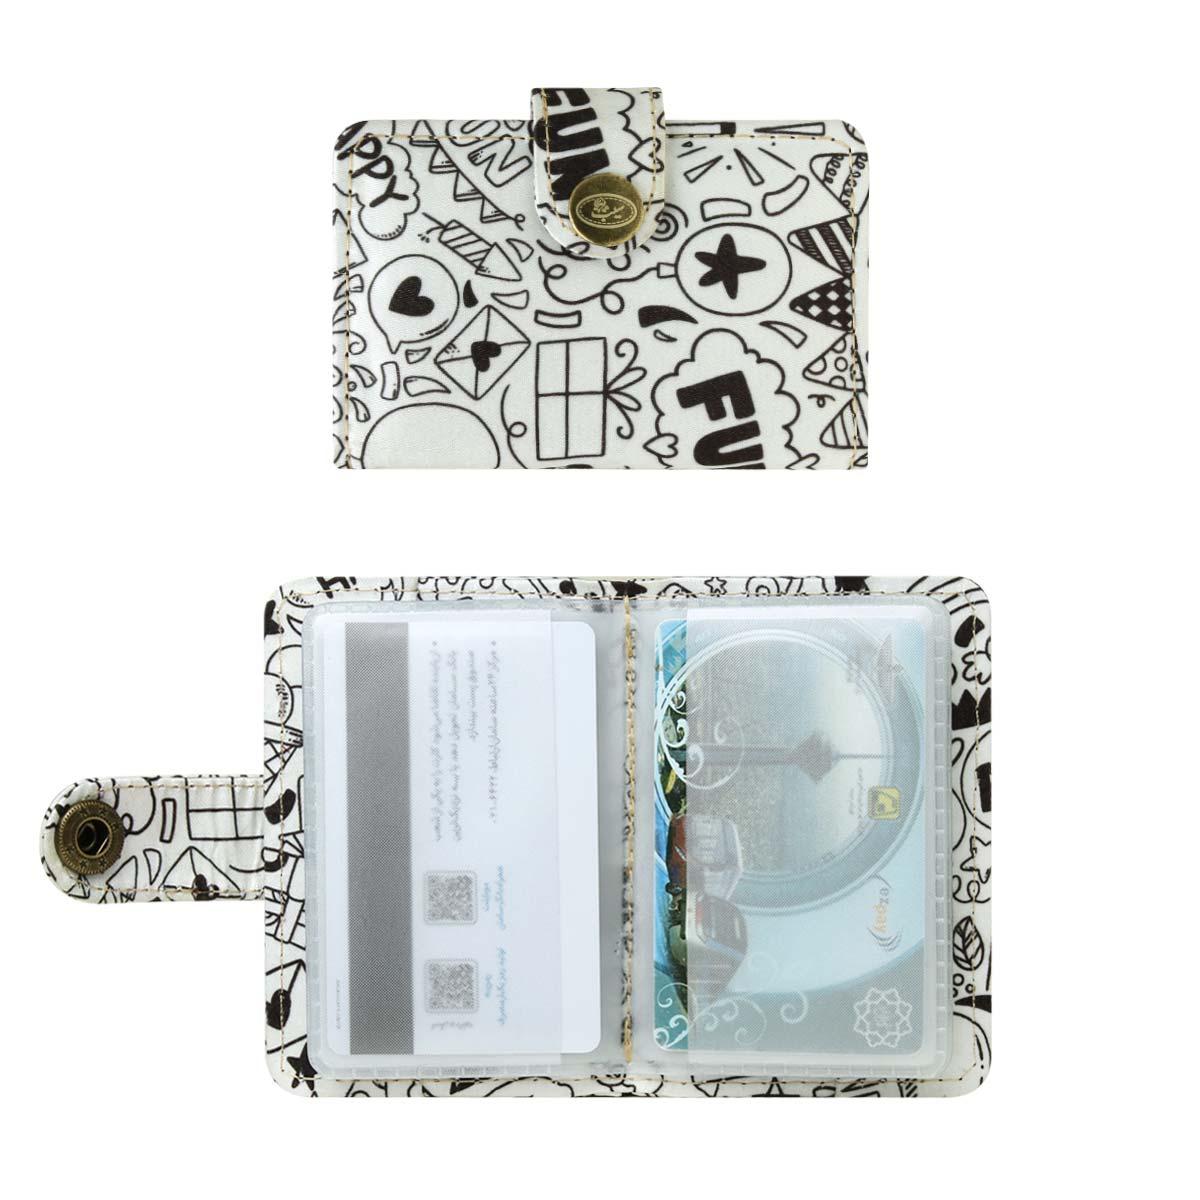 جاکارتی دکمه دار با جلد پارچه ای jc57